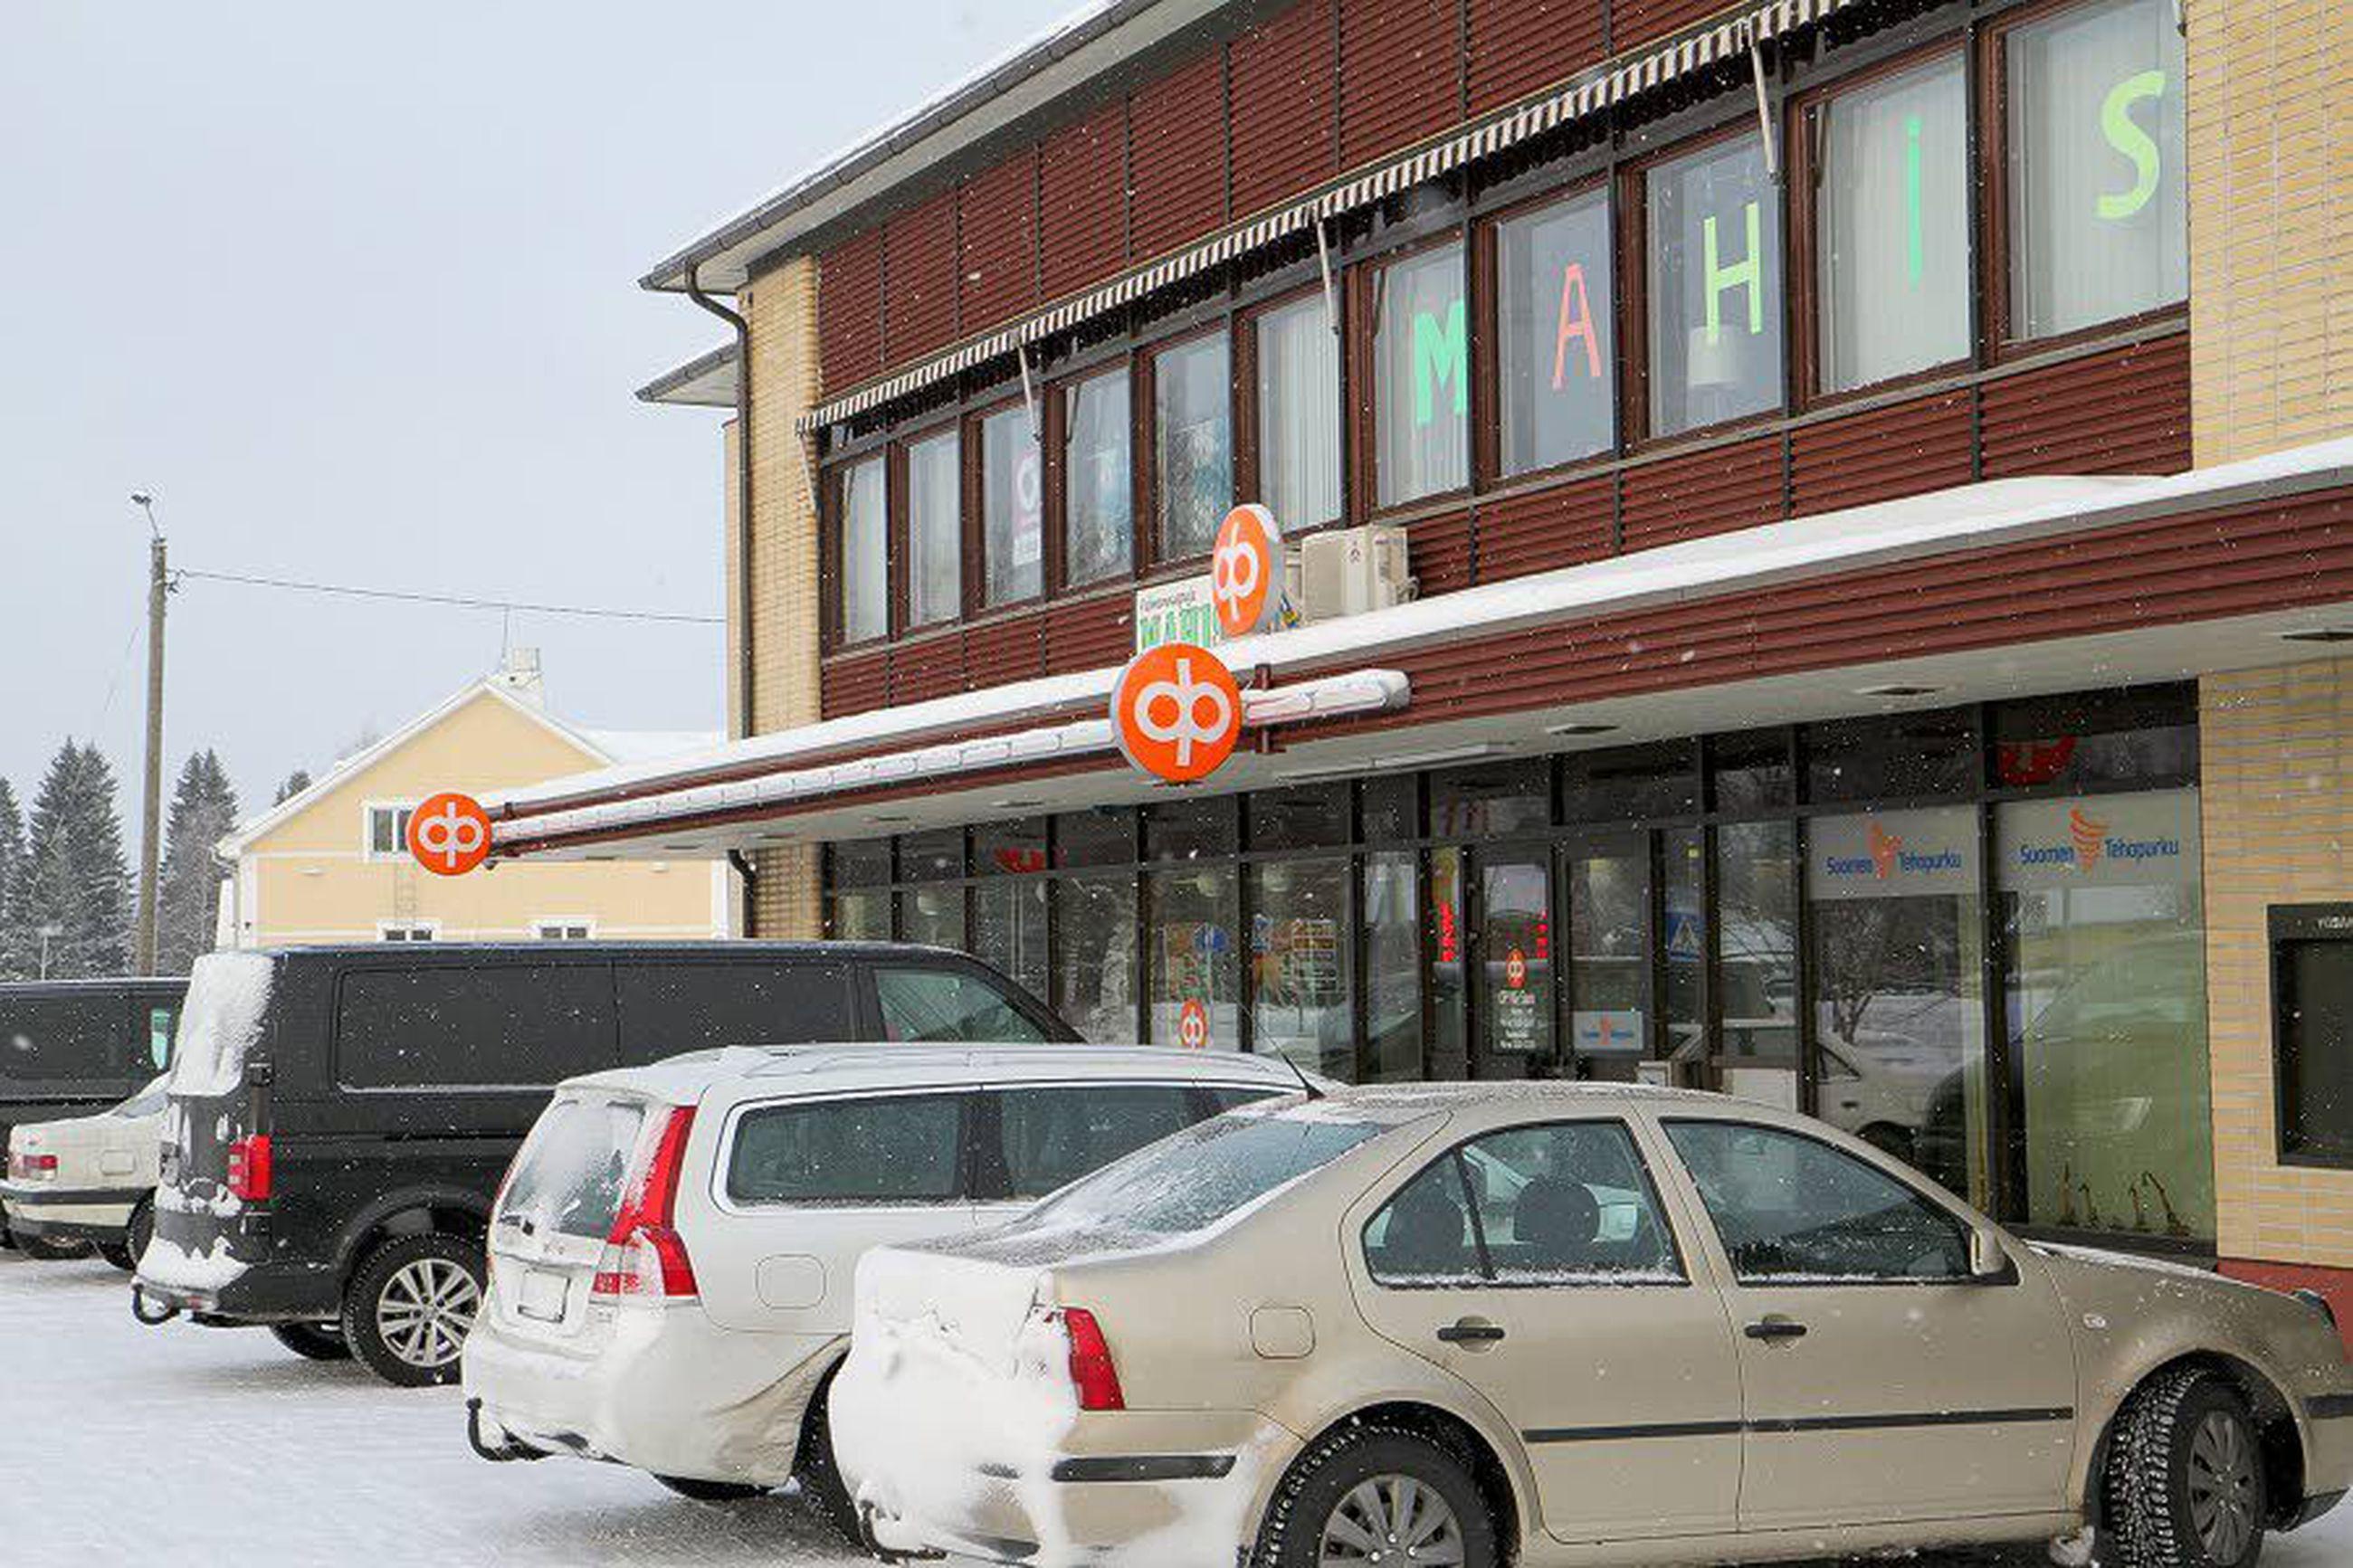 Ylä-Savon Osuuspankki